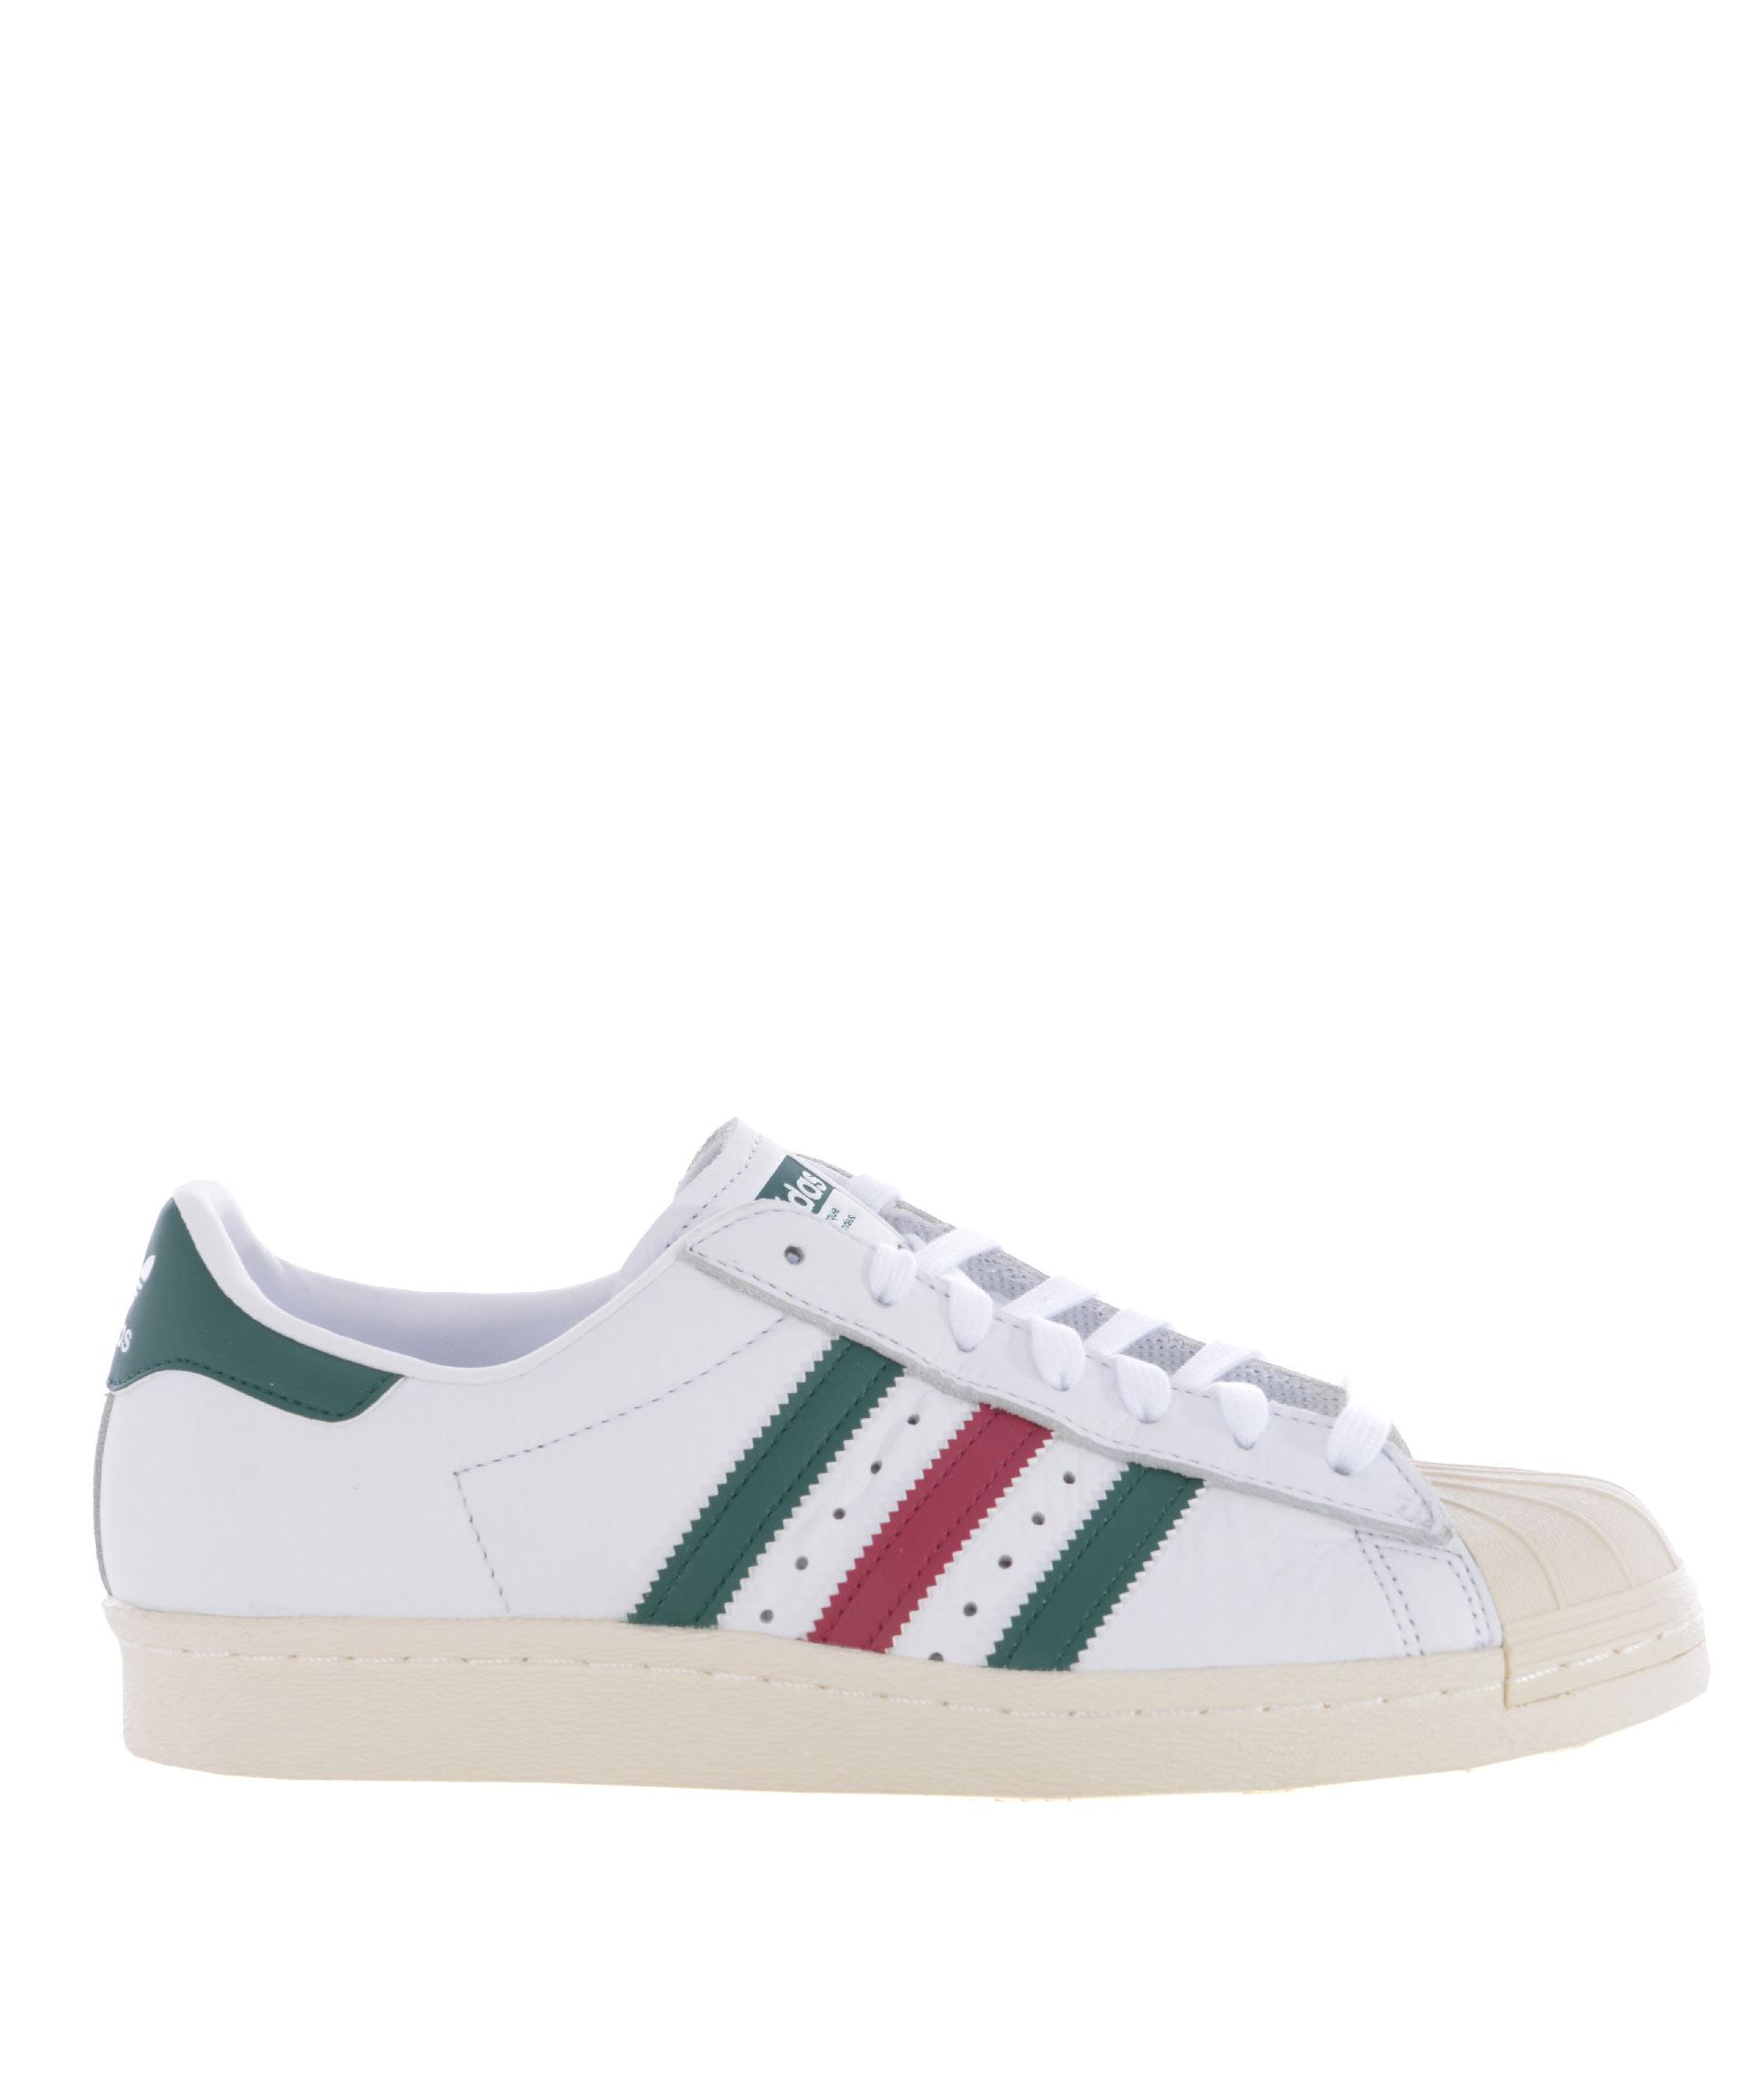 wholesale dealer fbc27 dfc6b Sneakers uomo Adidas Originals